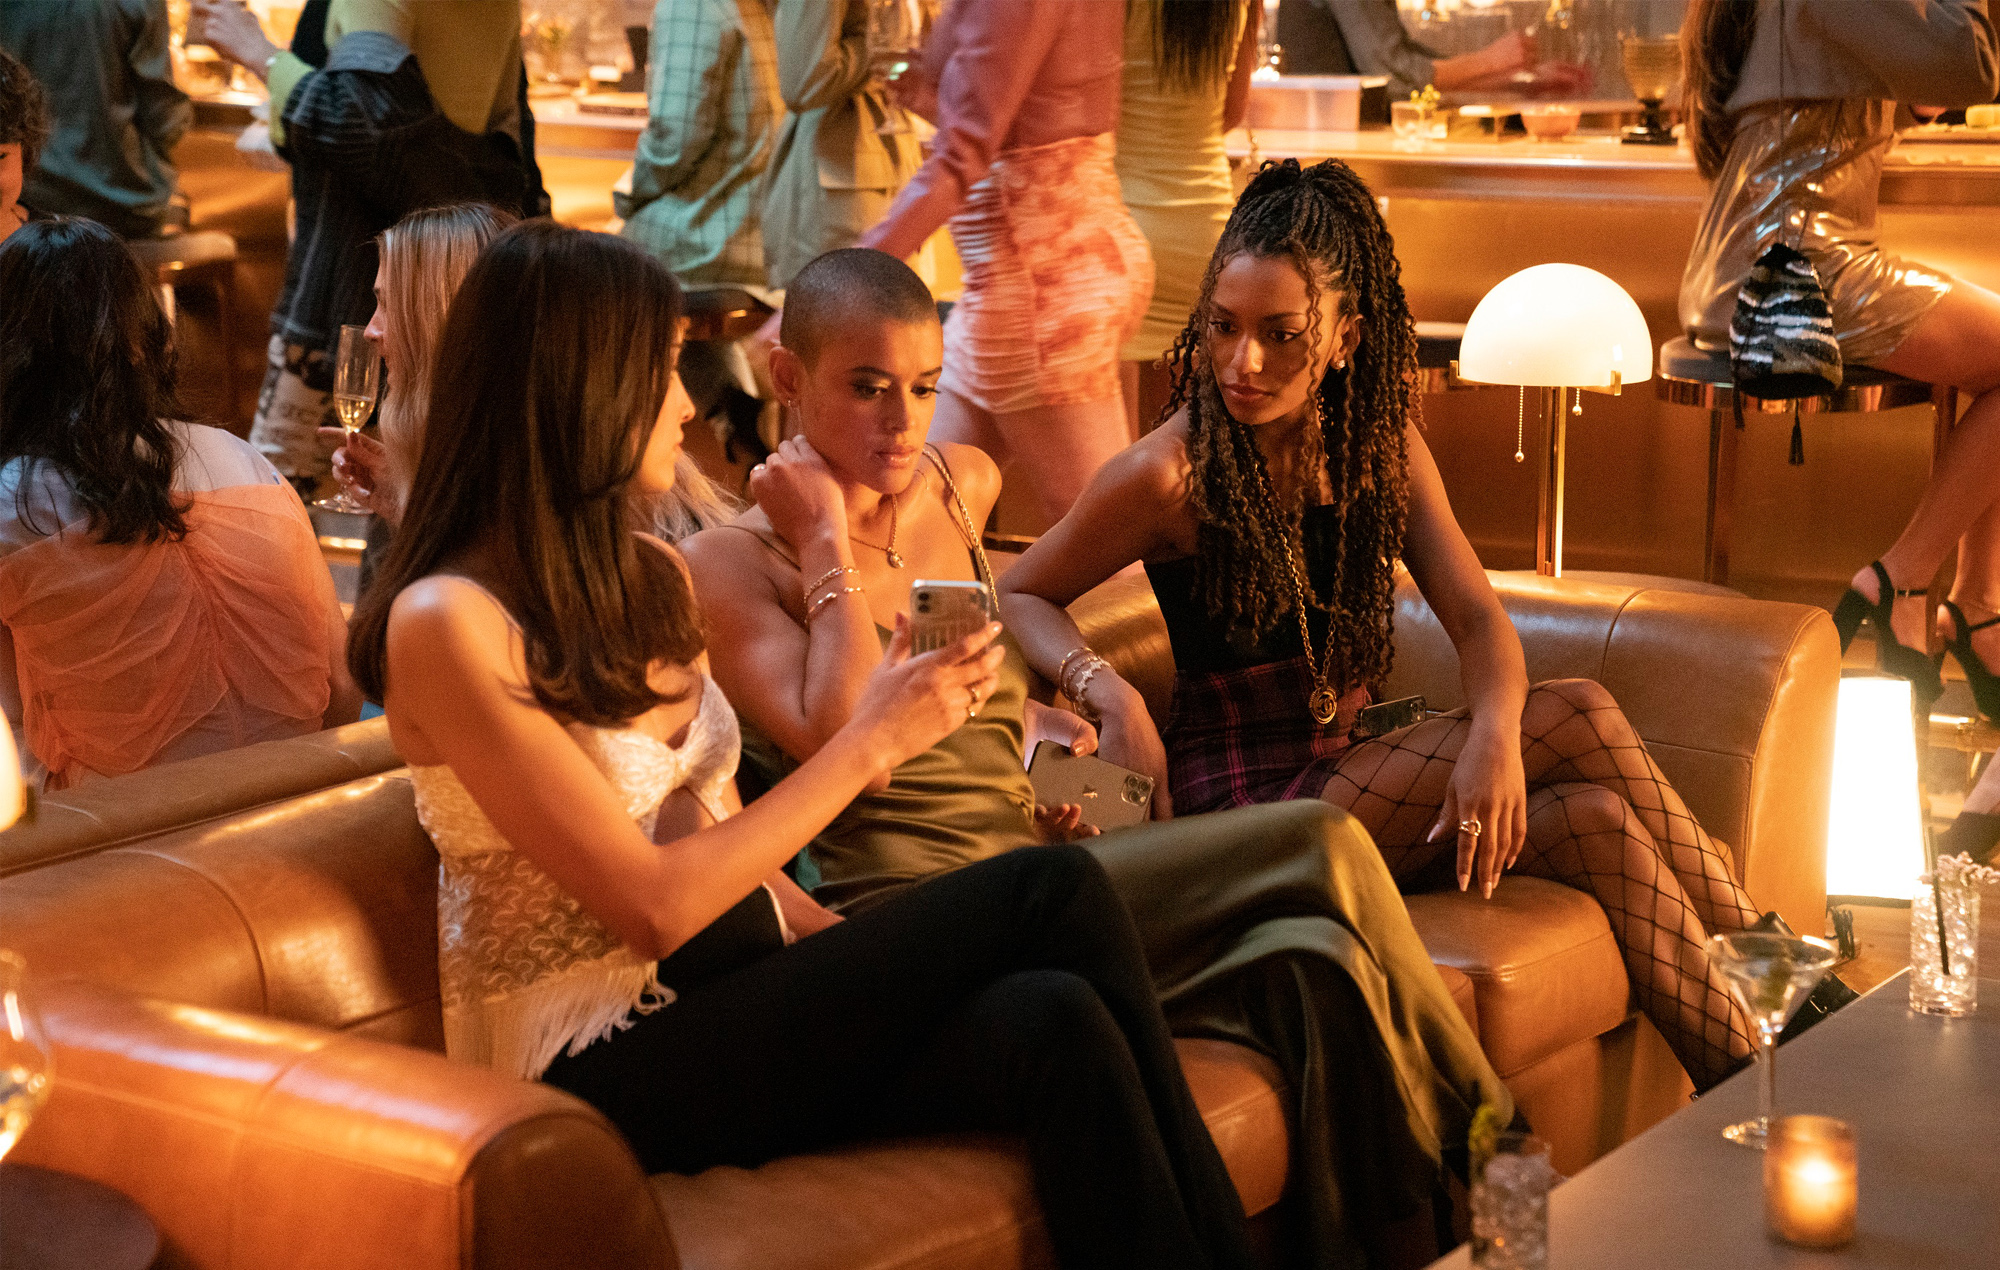 Gossip Girl reboot episode 2 recap HBO Max